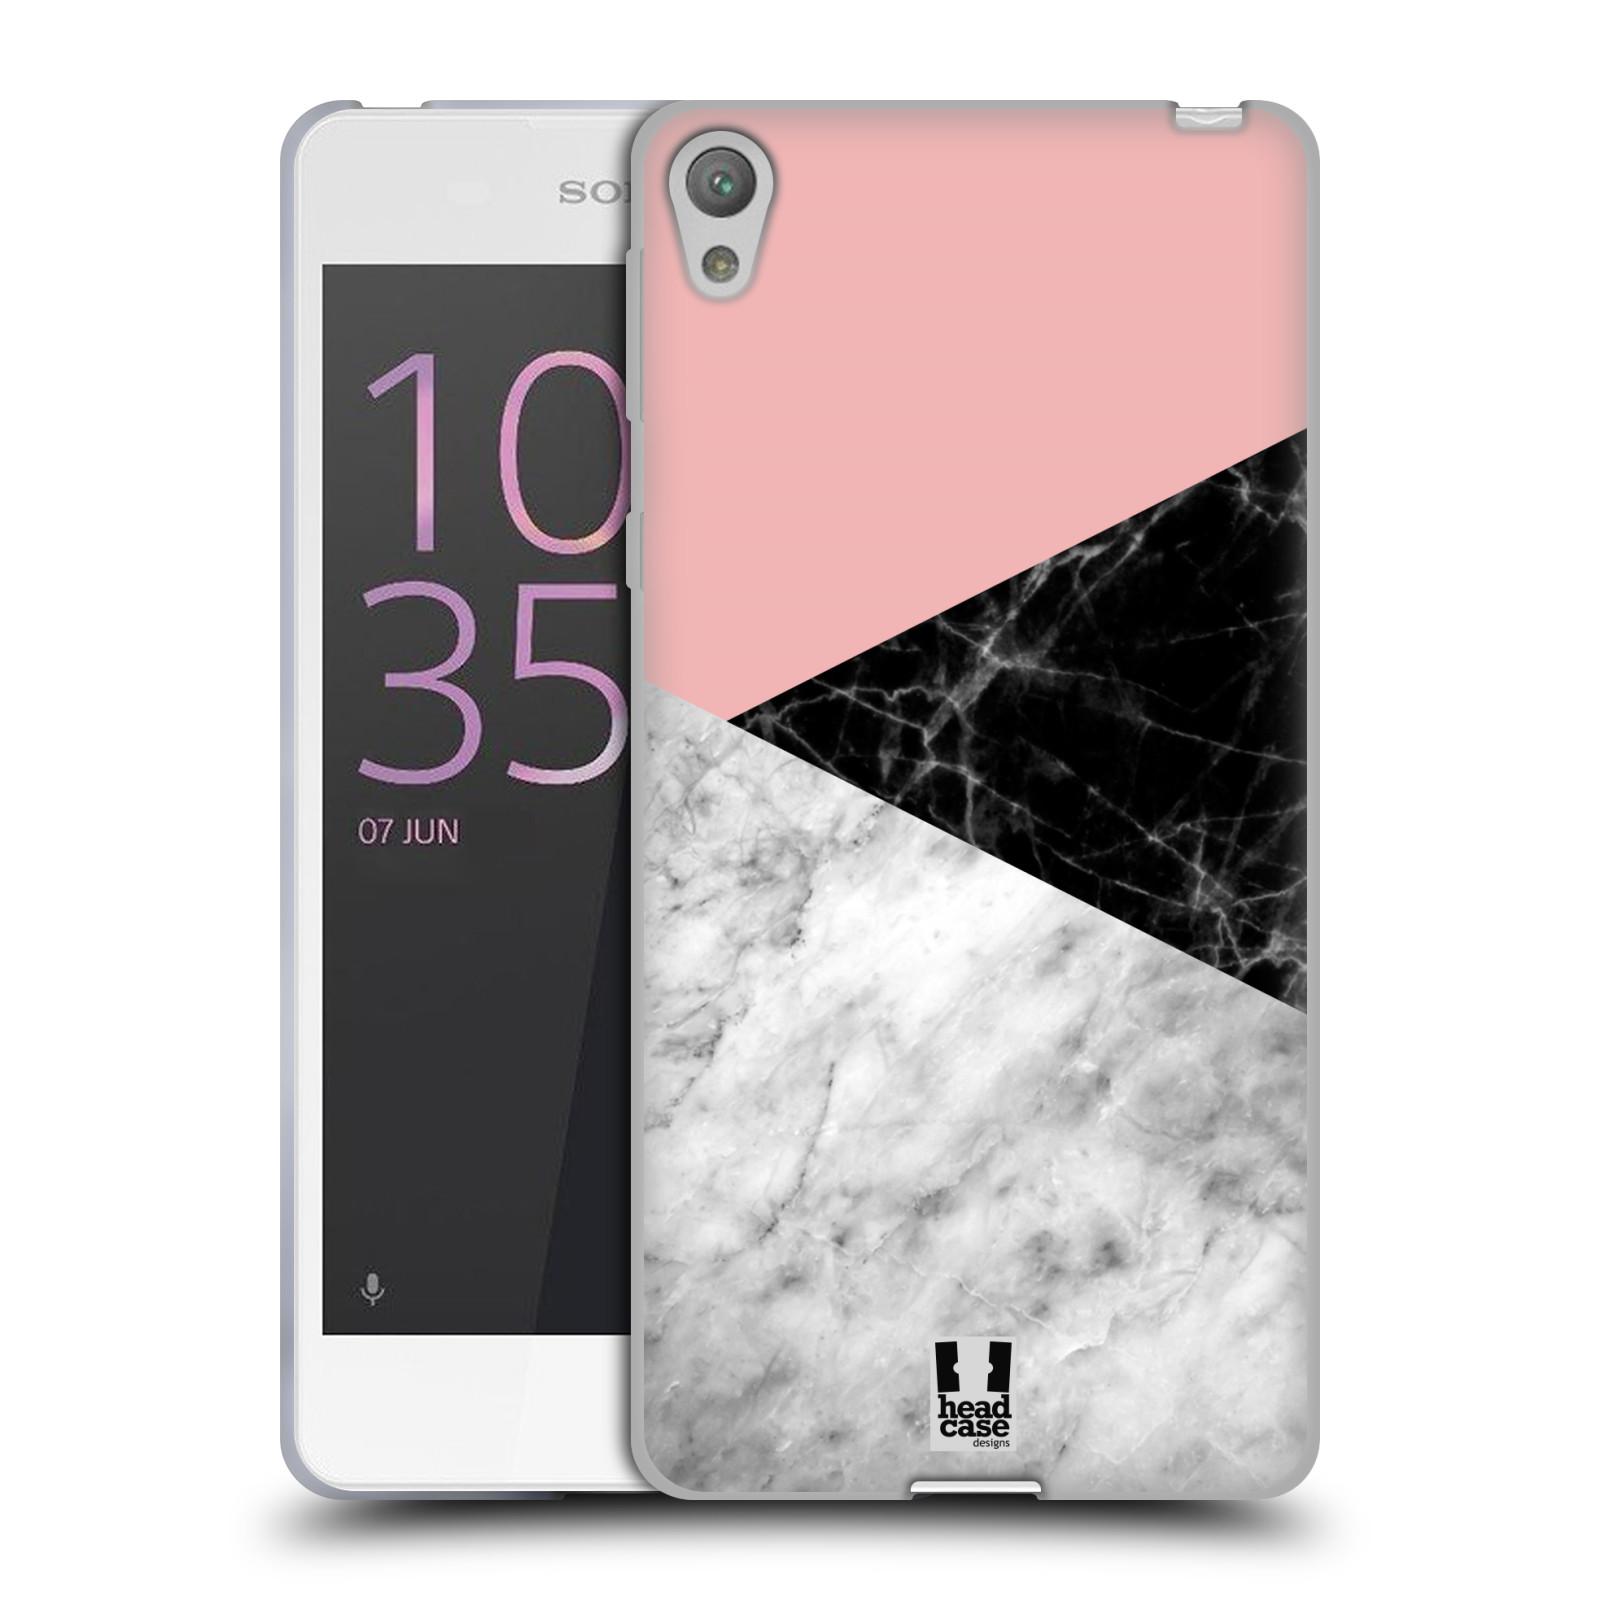 Silikonové pouzdro na mobil Sony Xperia E5 - Head Case - Mramor mix